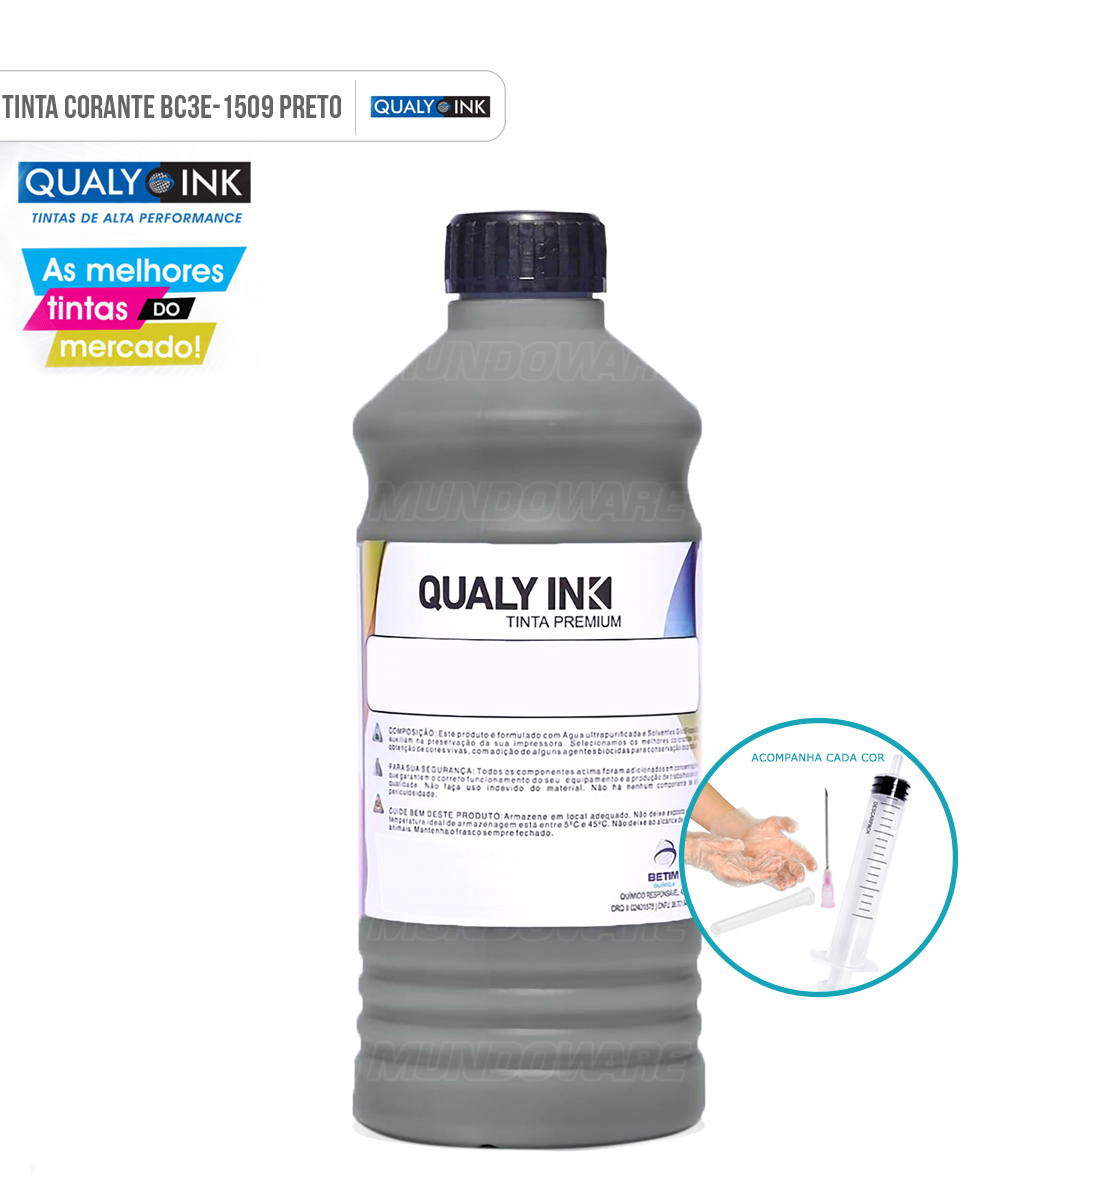 Refil de Tinta Qualy-Ink Preta Corante para Epson série 544 504 impressoras L3108 L3110 L3111 L3118 L3119 L3150 L3158 L4150 L4158 L4160 L4168 L5190 L6160 L6161 L6168 L6170 L6171 L6178 L6190 L6191 L6198